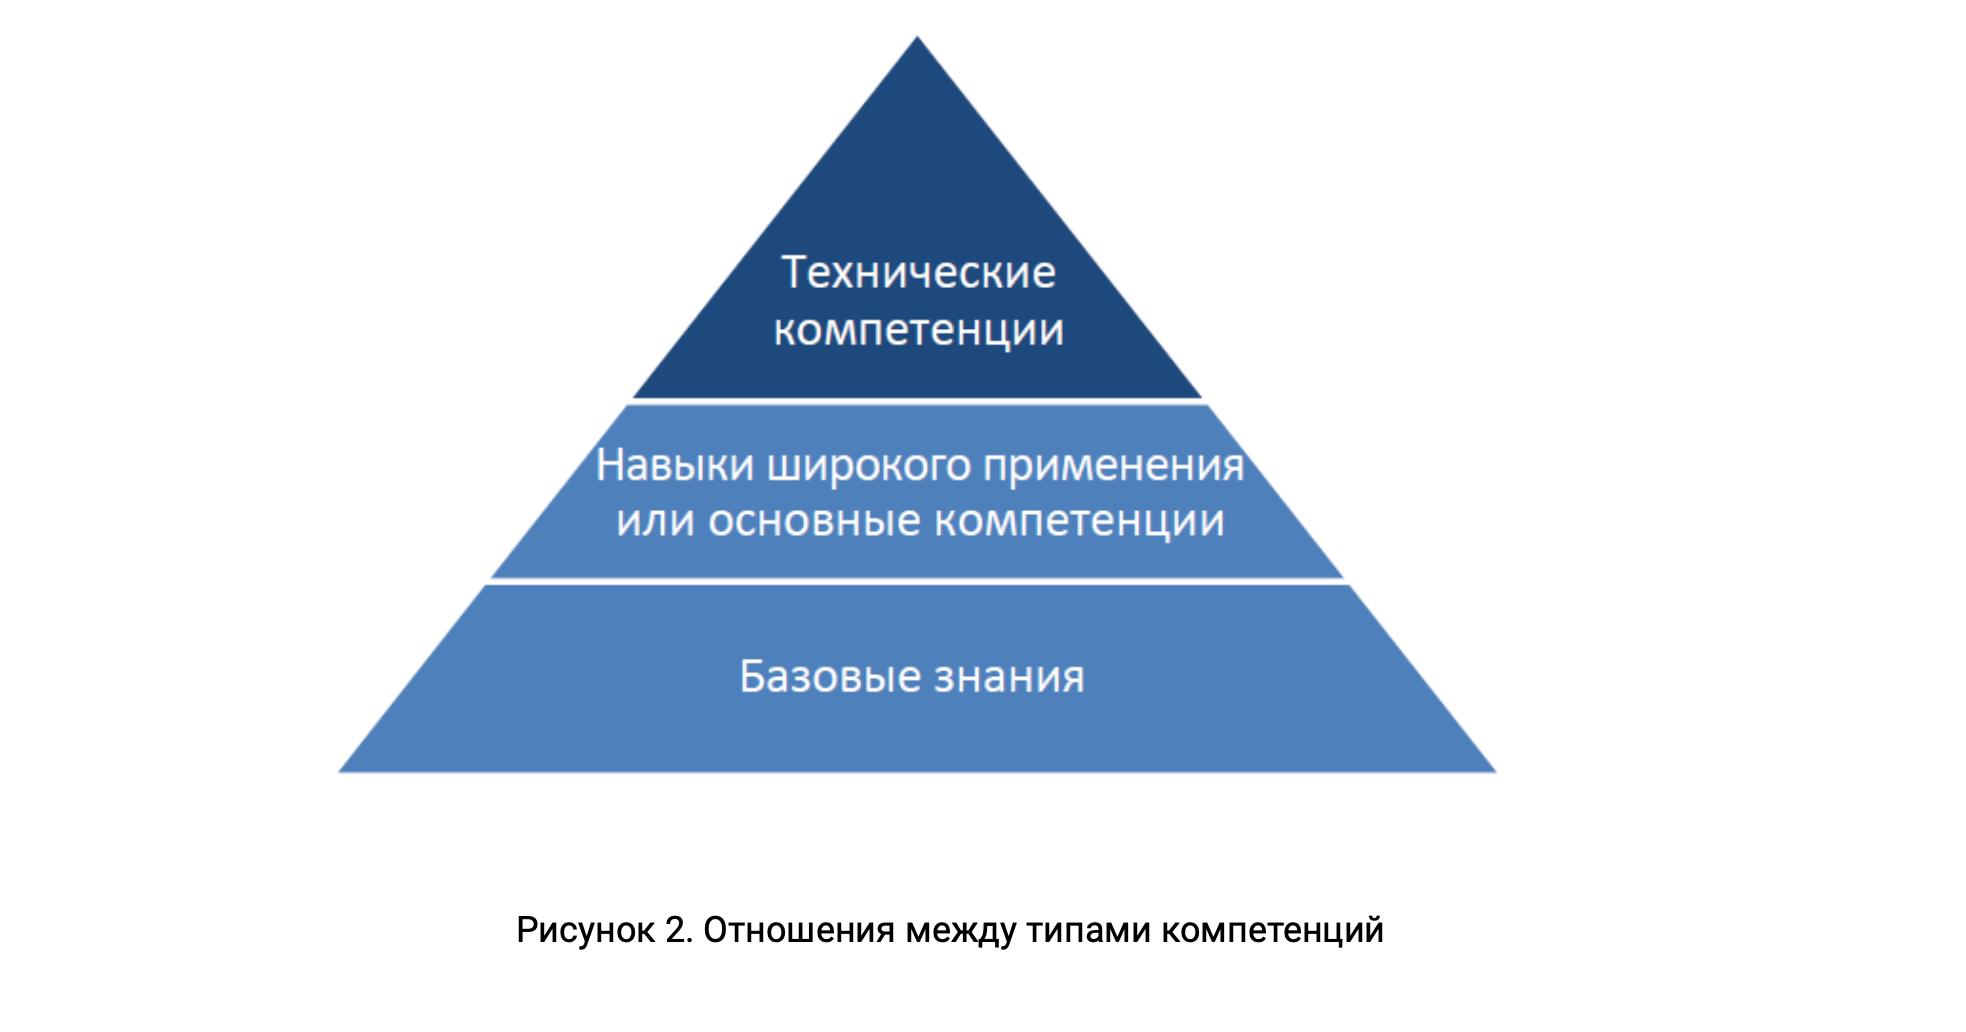 Снимок_экрана_2021_04_05_в_12.55.12-1801-d3cf75.png